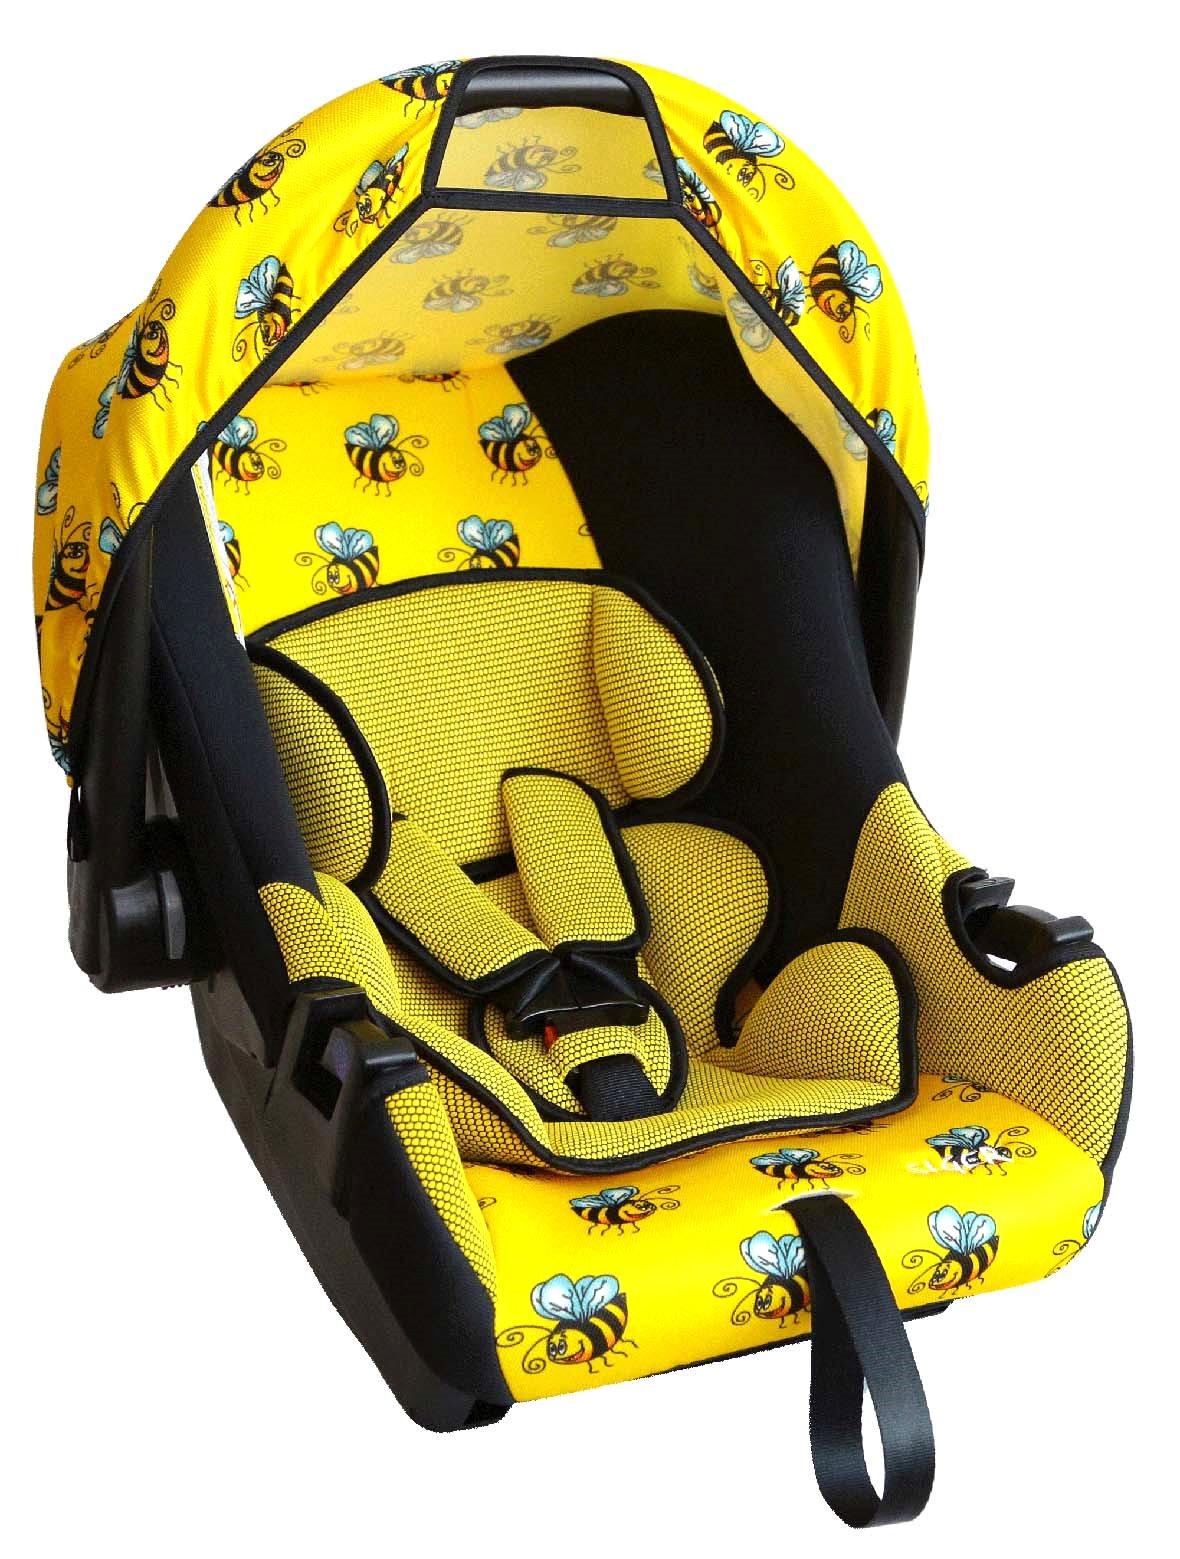 Купить Детское автомобильное кресло Siger ЭГИДА ЛЮКС КРЕС0138